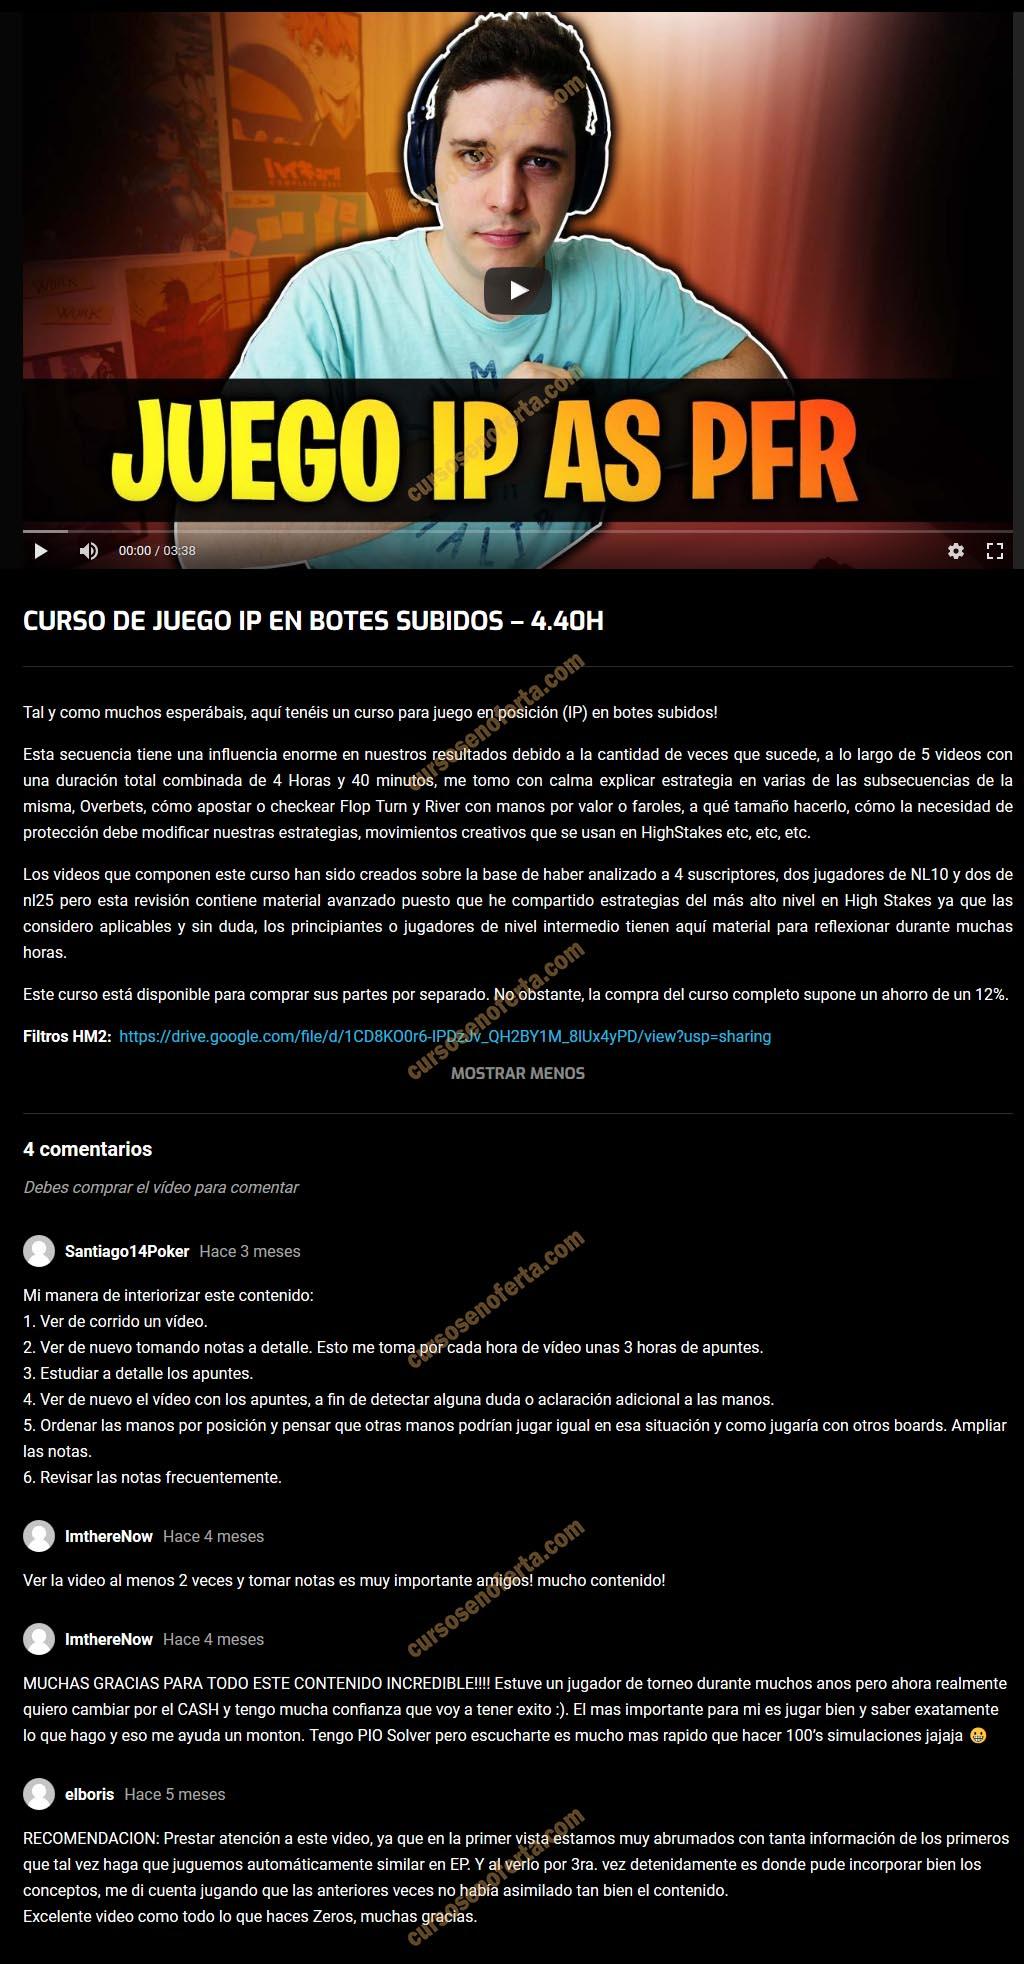 Curso de Juego IP en Botes Subidos